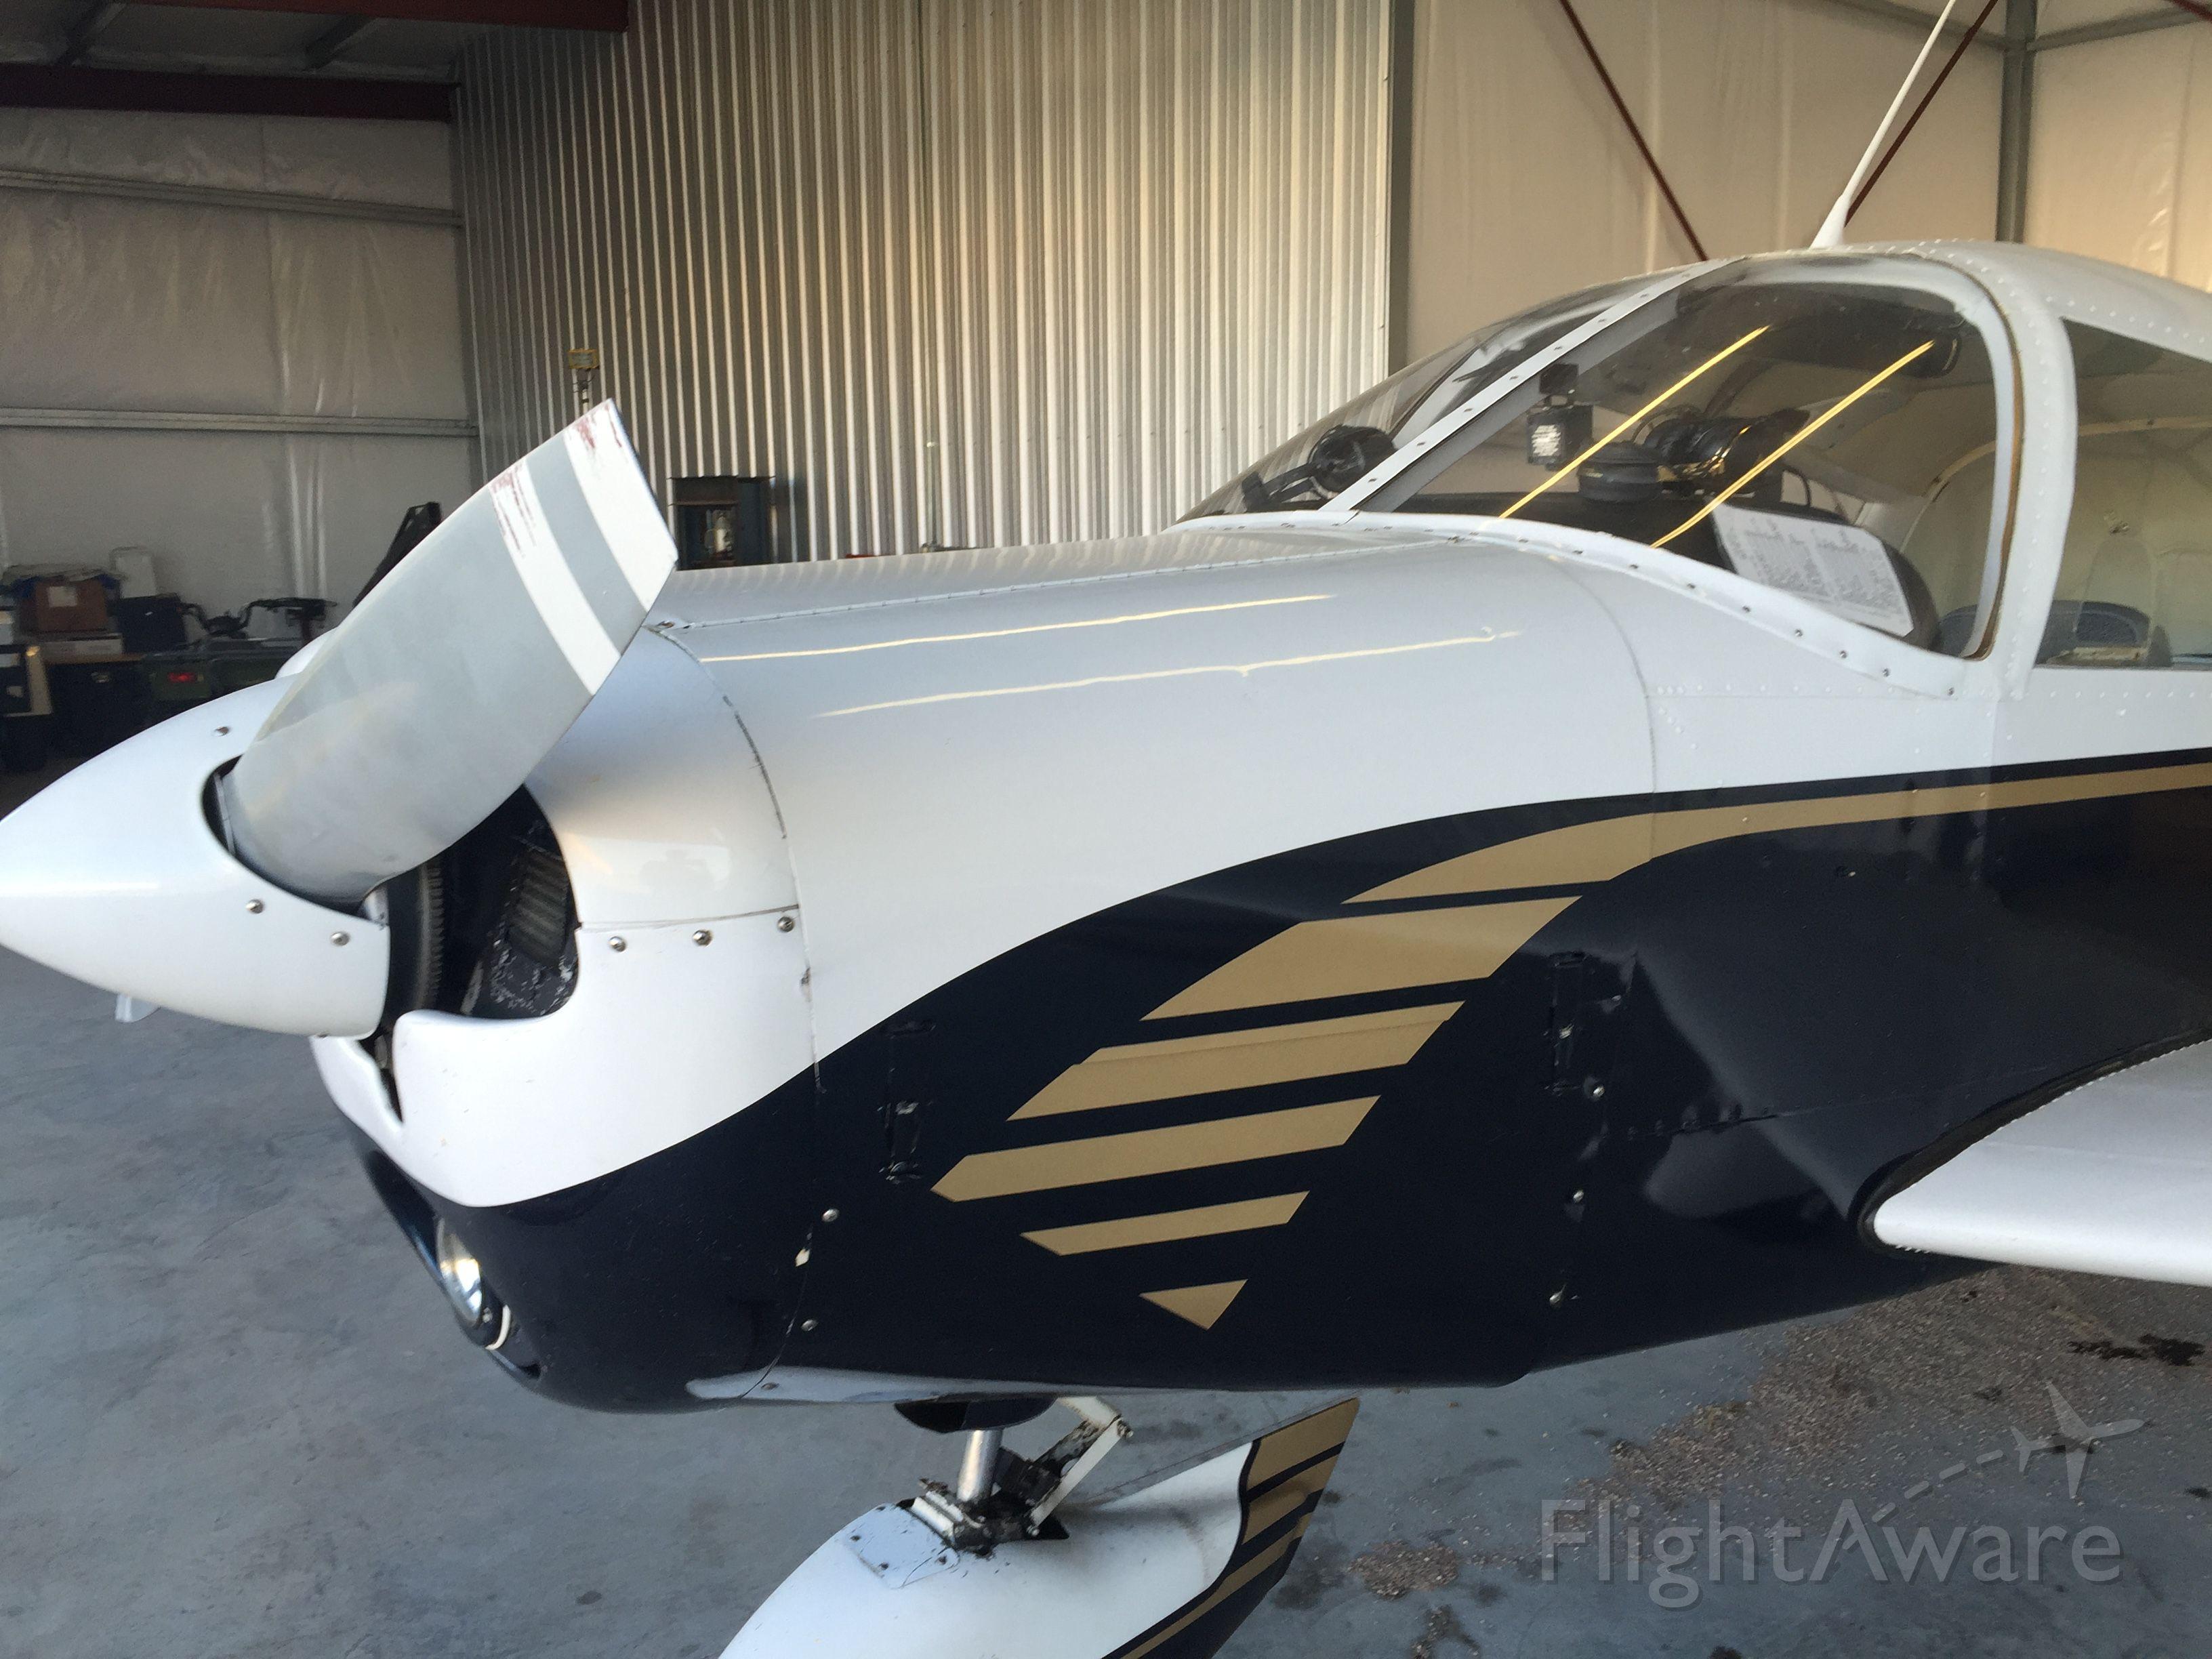 Piper Cherokee (N55401)